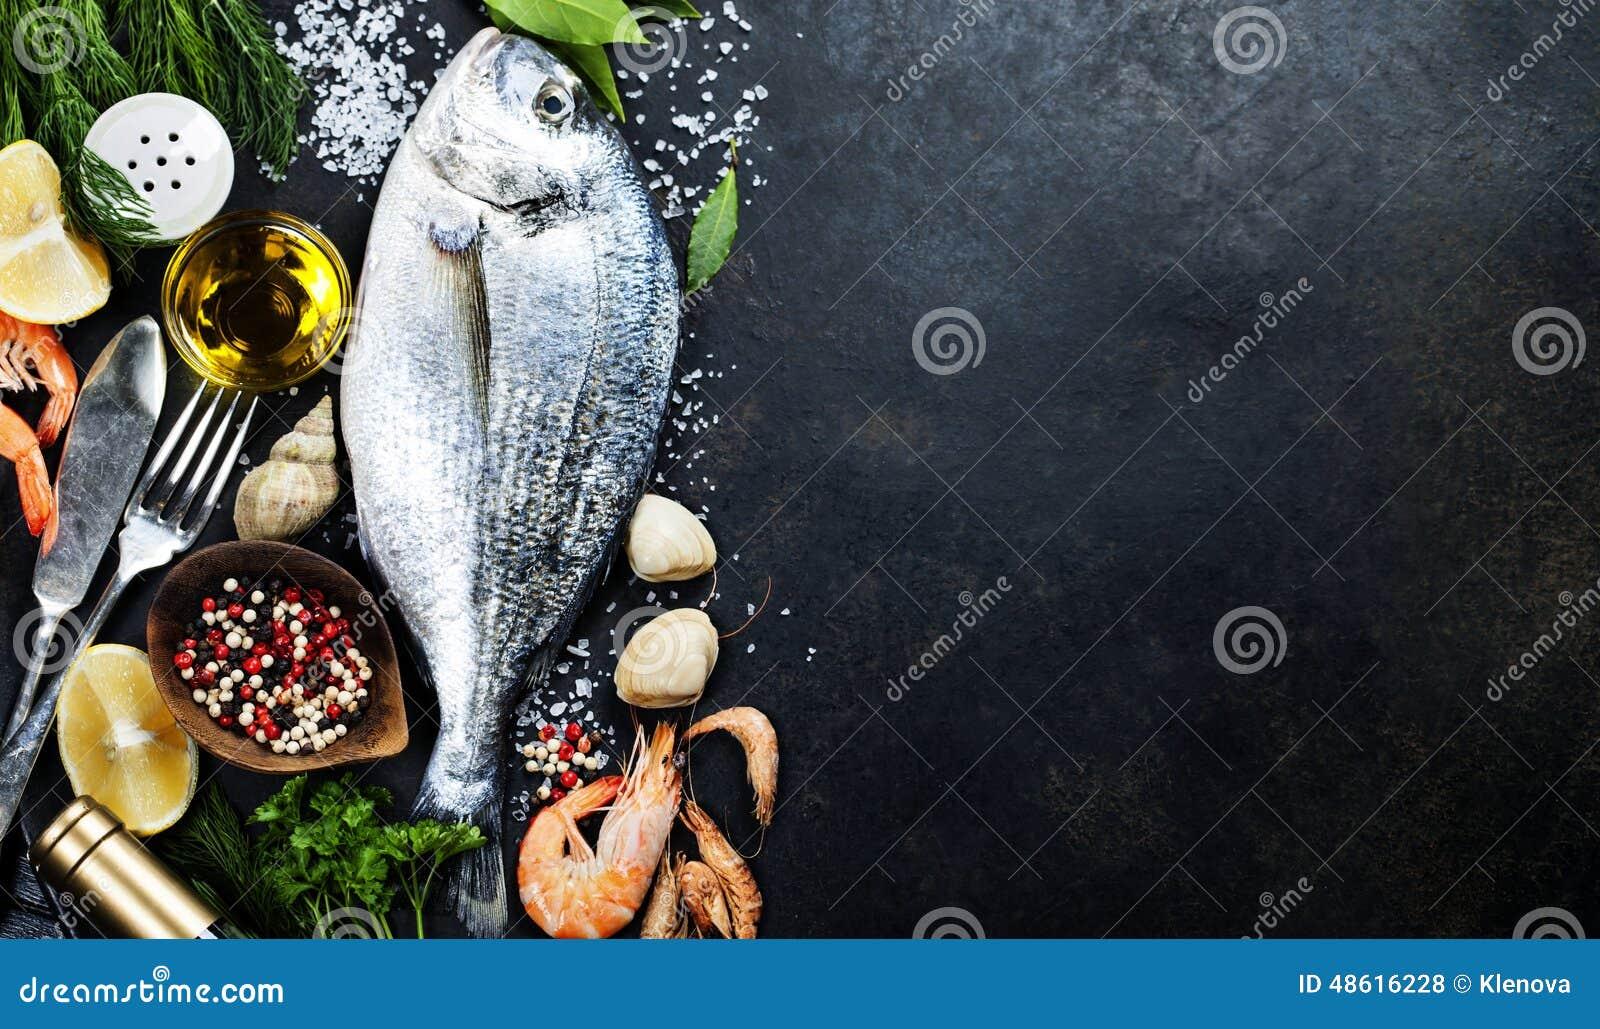 Εύγευστα φρέσκα ψάρια